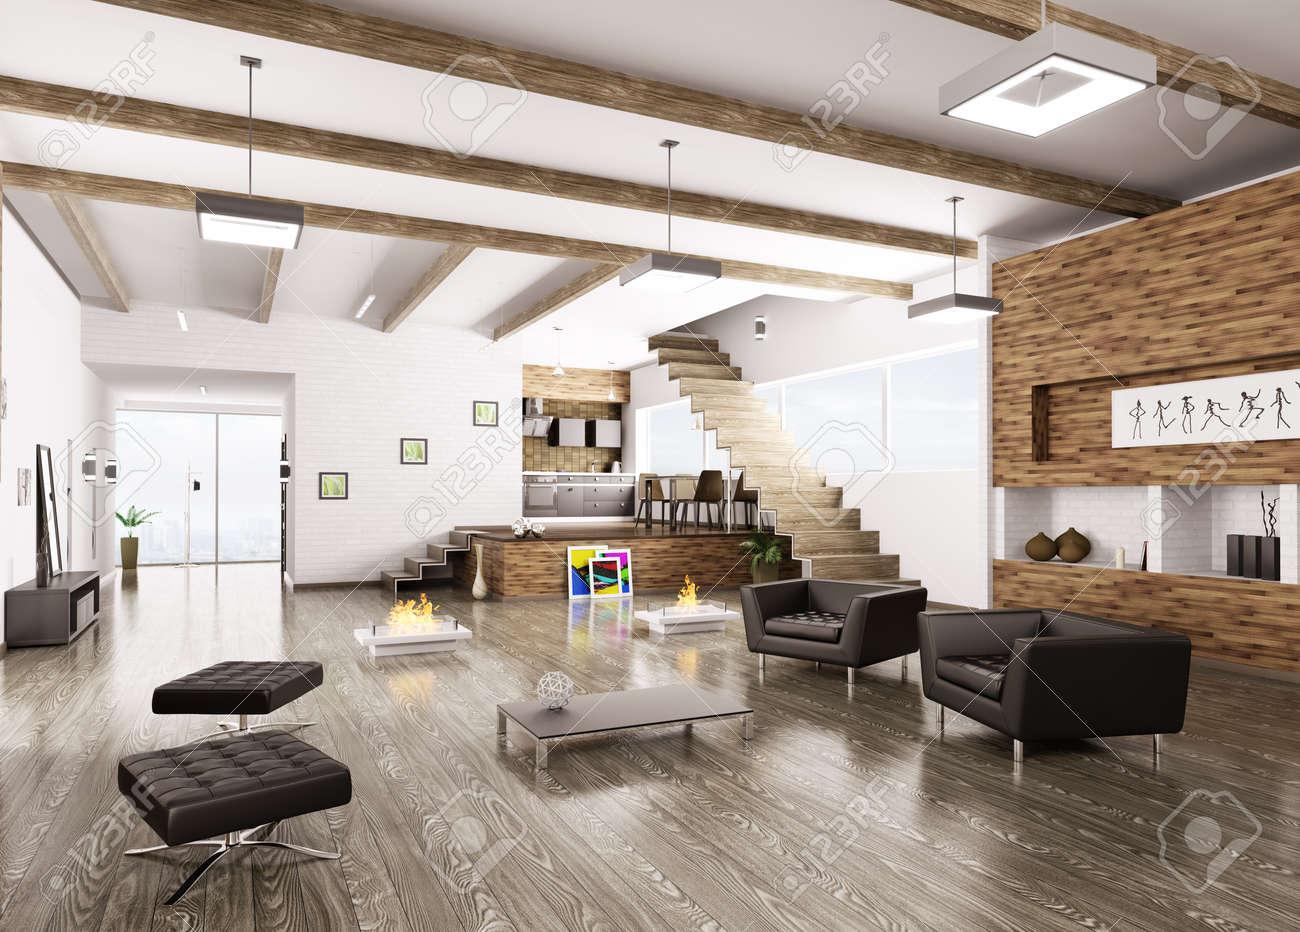 Innere Des Modernen Wohnung Wohnzimmer Esszimmer Flur Kuche Lizenzfreie Fotos Bilder Und Stock Fotografie Image 25869482